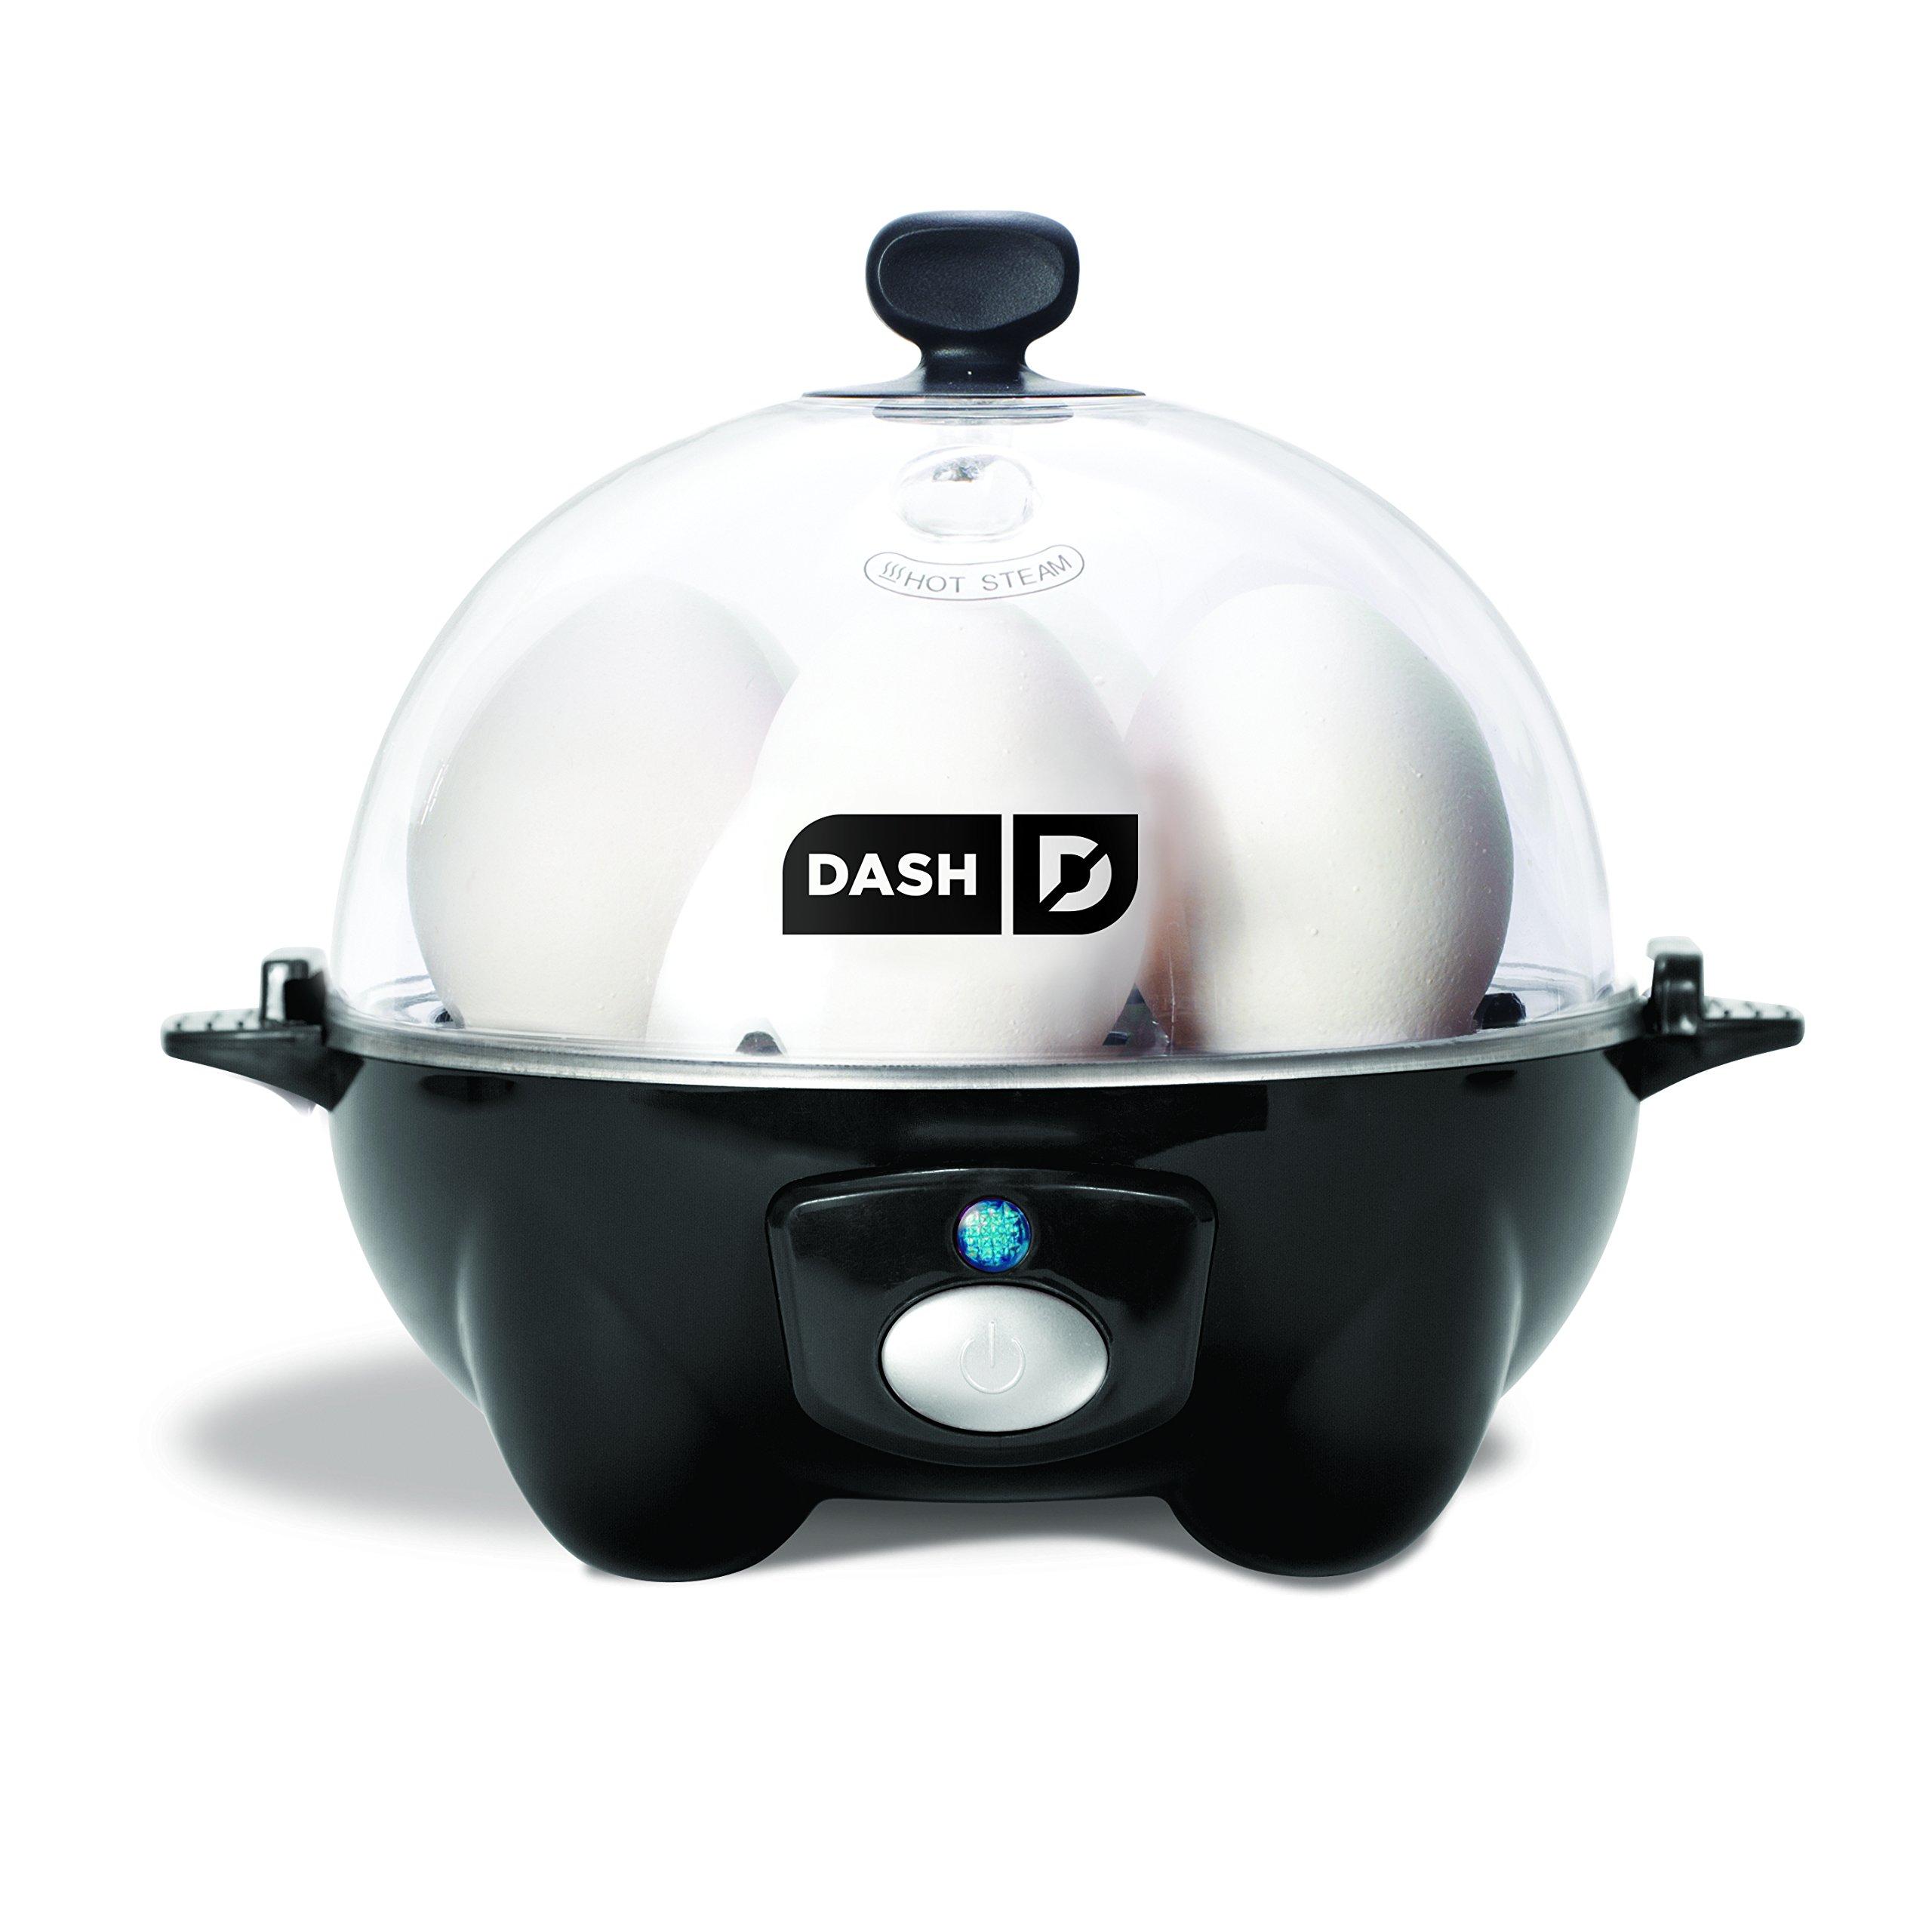 Dash Rapid Egg Cooker, Black